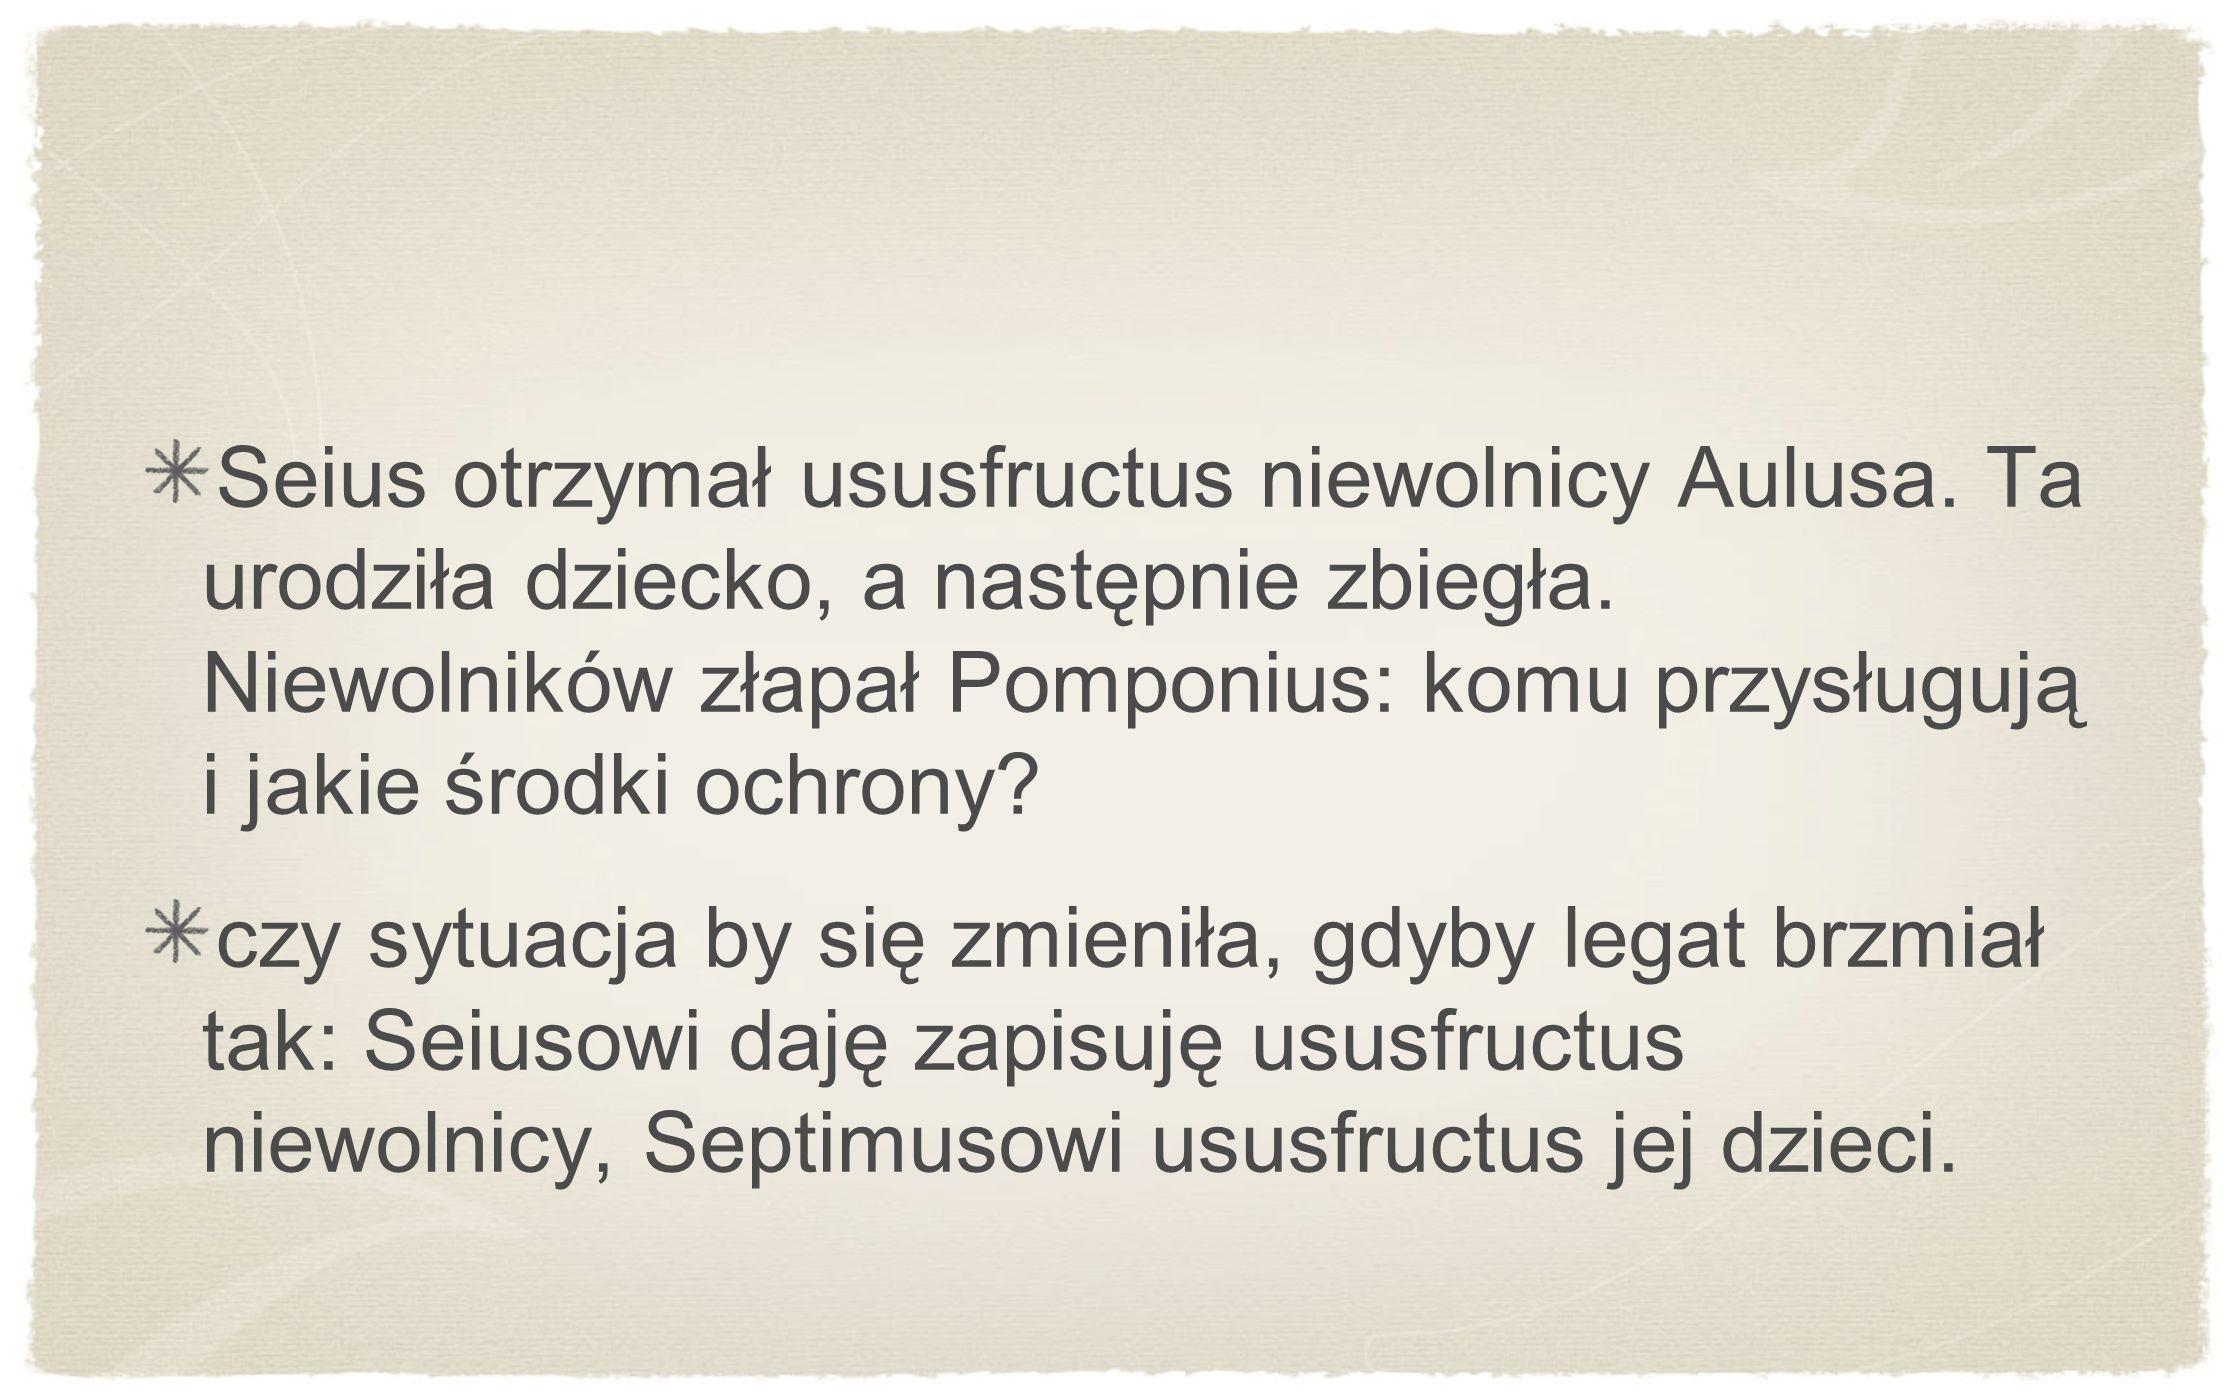 Seius otrzymał ususfructus niewolnicy Aulusa. Ta urodziła dziecko, a następnie zbiegła. Niewolników złapał Pomponius: komu przysługują i jakie środki